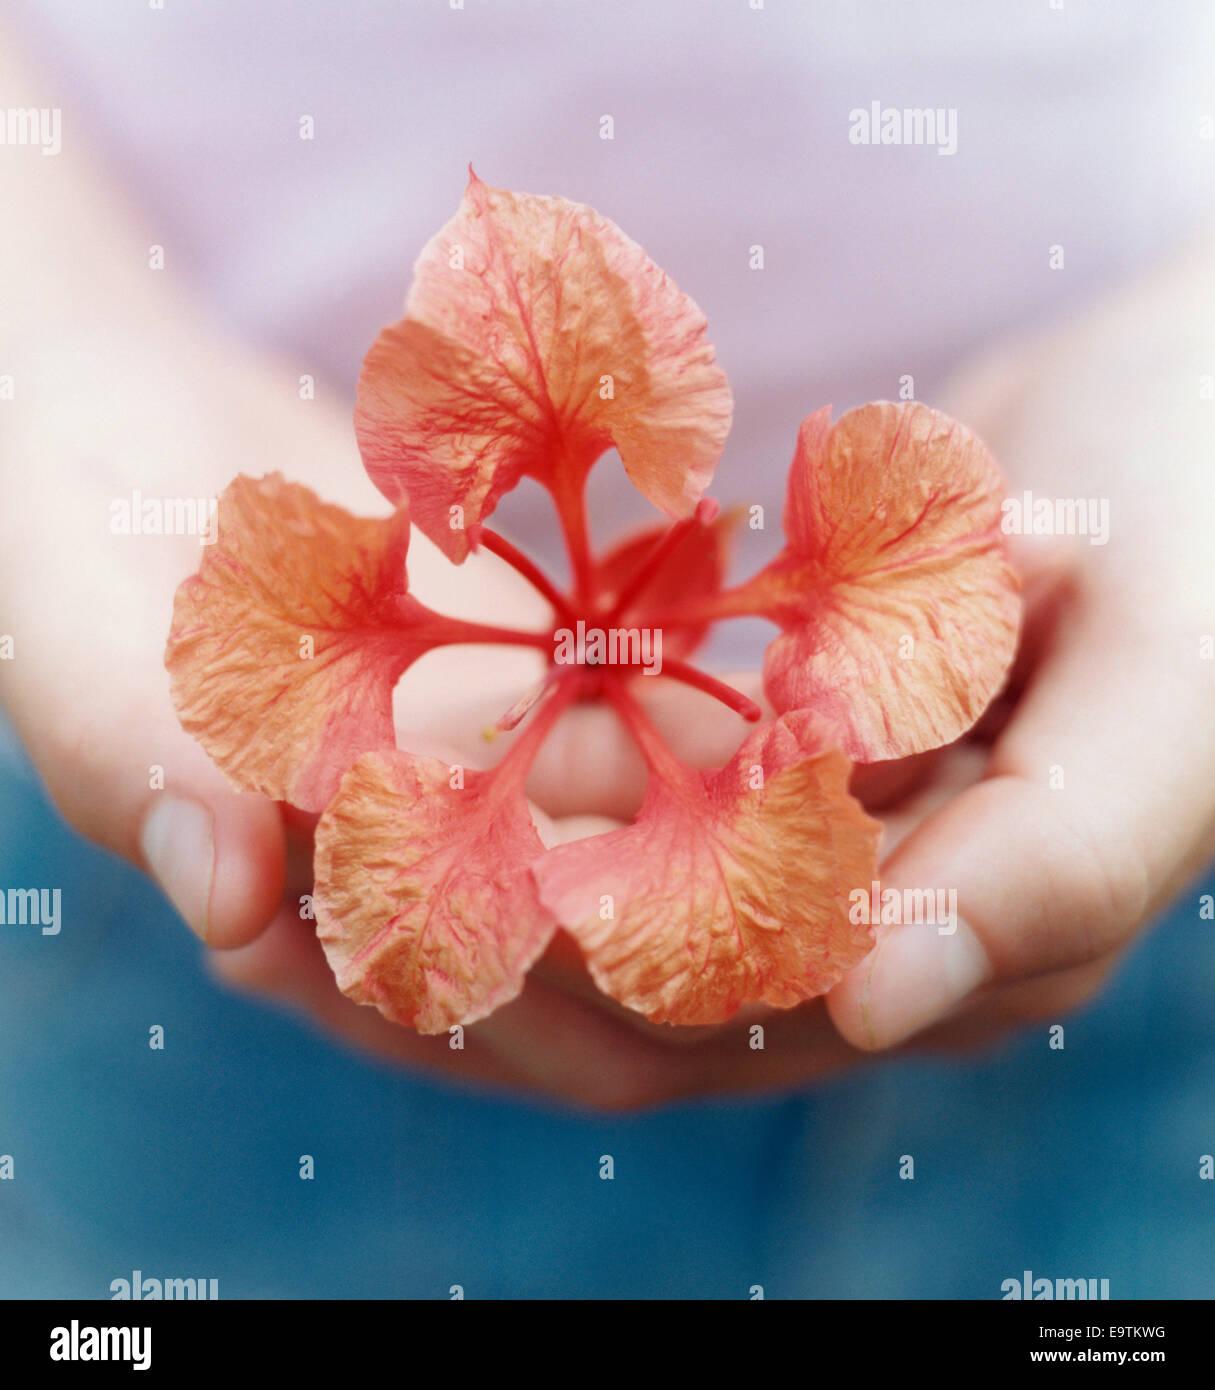 Flower in Girl's Hand - Stock Image